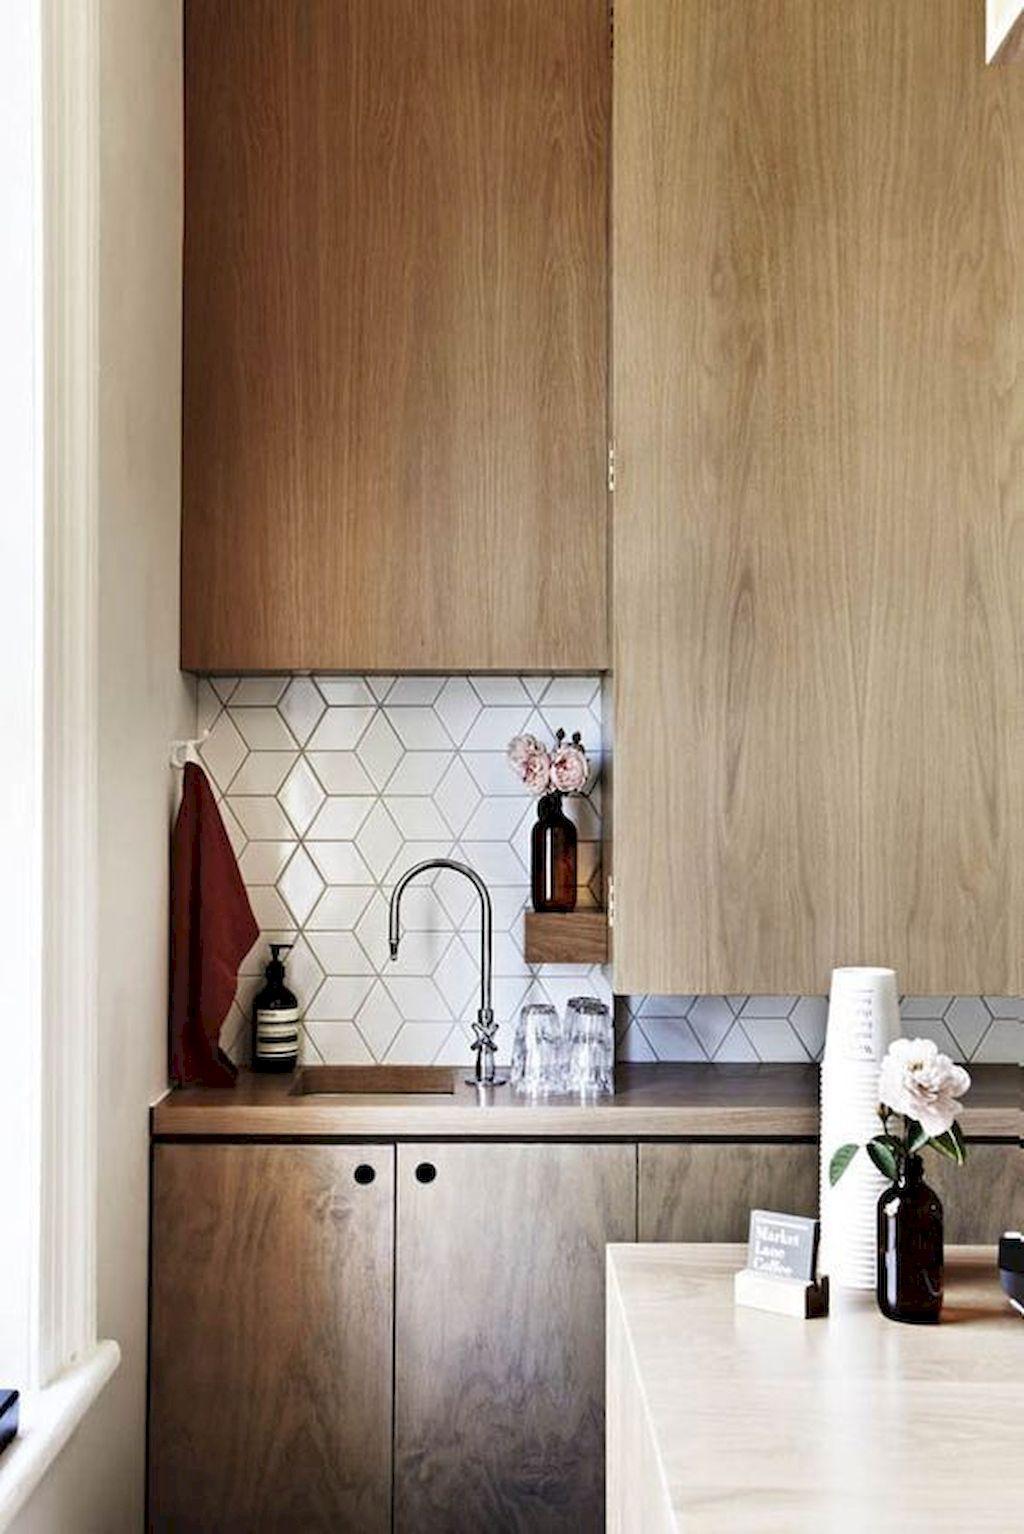 Kitchen Backsplash096